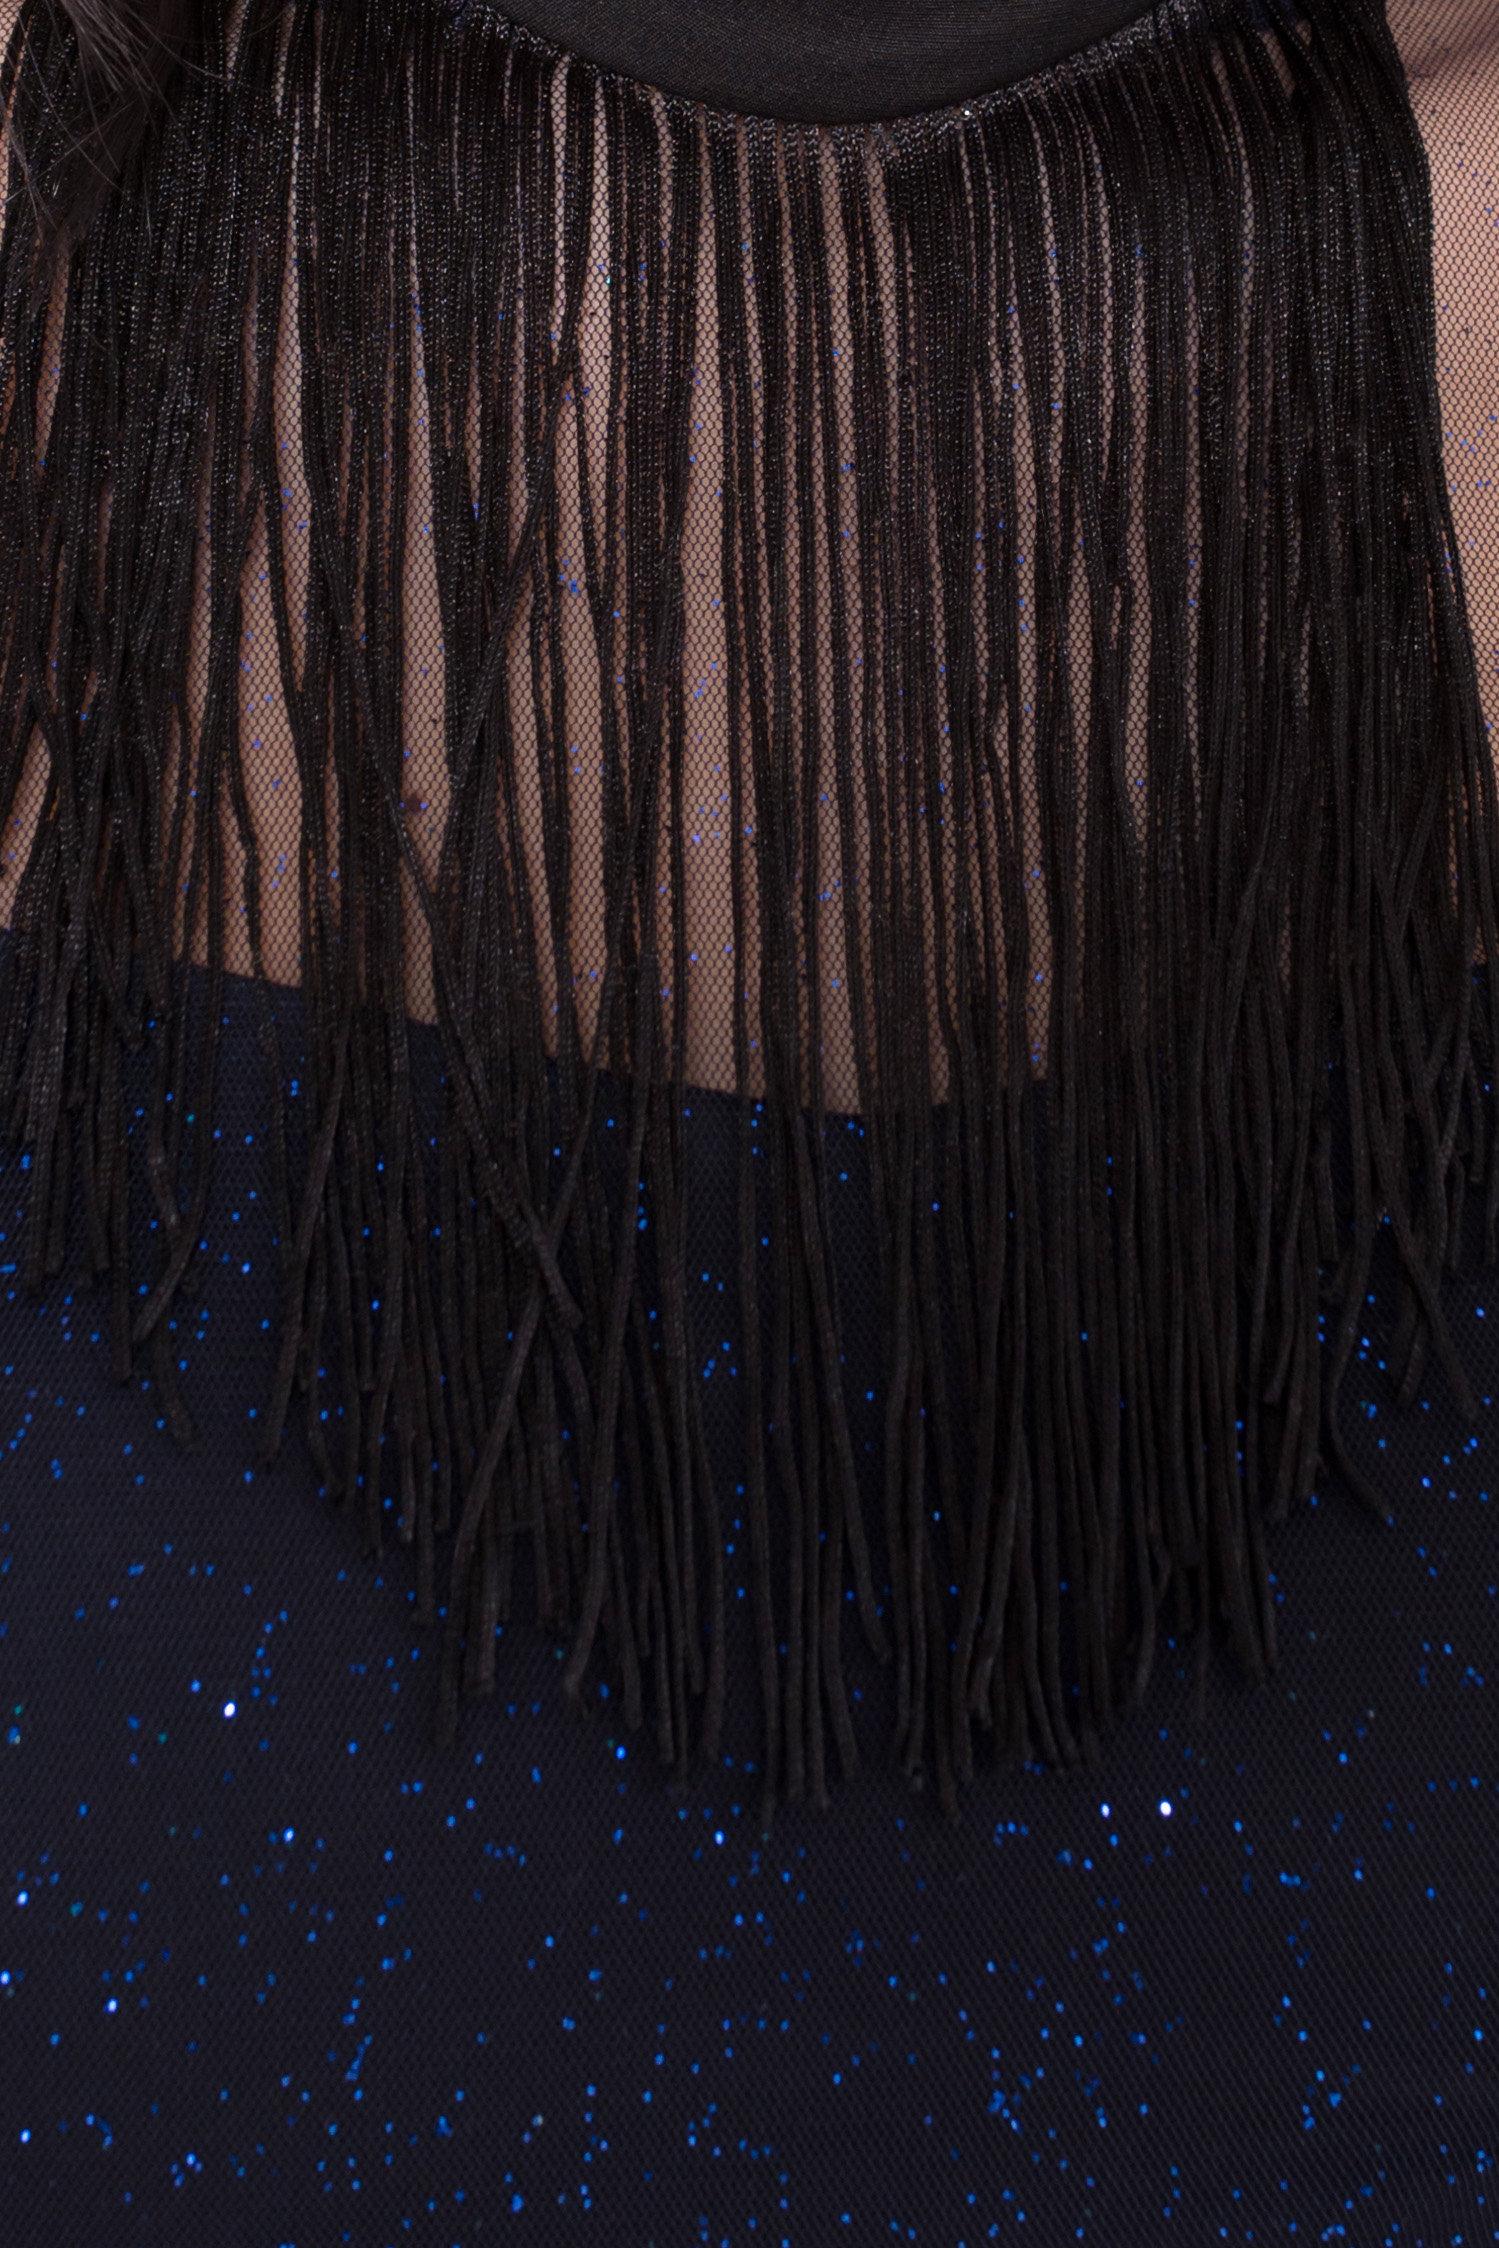 Платье-комбинезон Астия 8556 АРТ. 44951 Цвет: Черный/т.синий/электрик - фото 9, интернет магазин tm-modus.ru